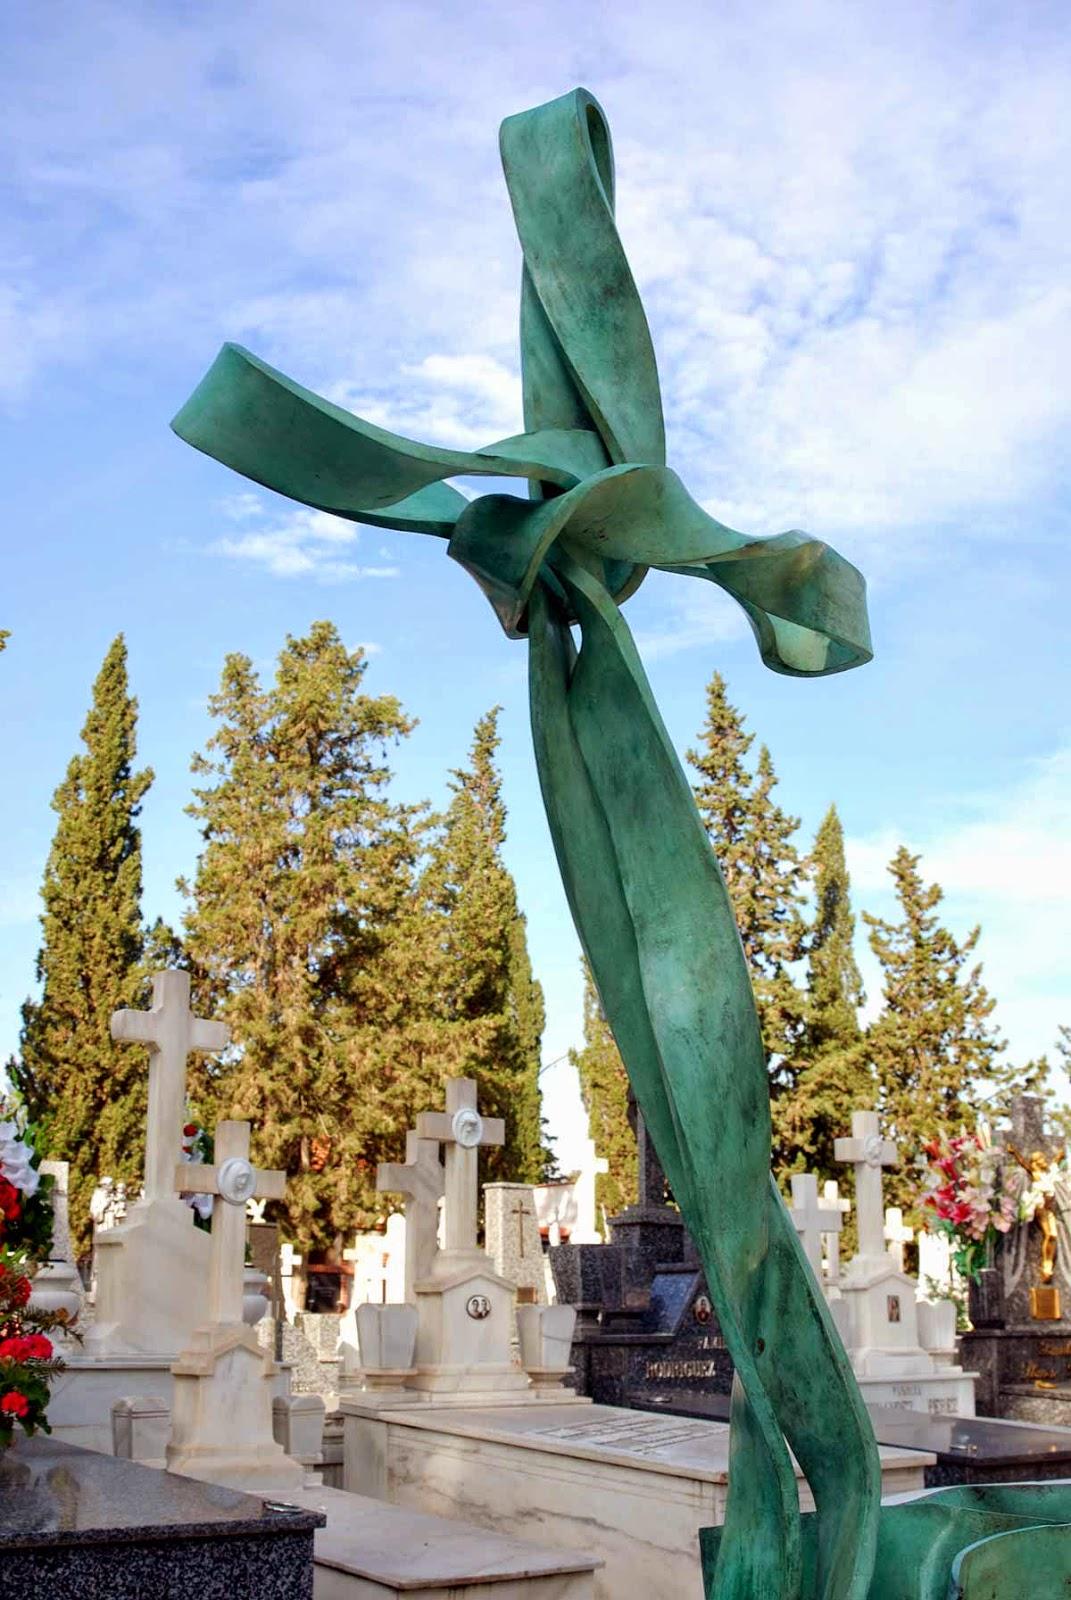 Monumento bronce cementerio Murcia Arturo Serra escultura 1